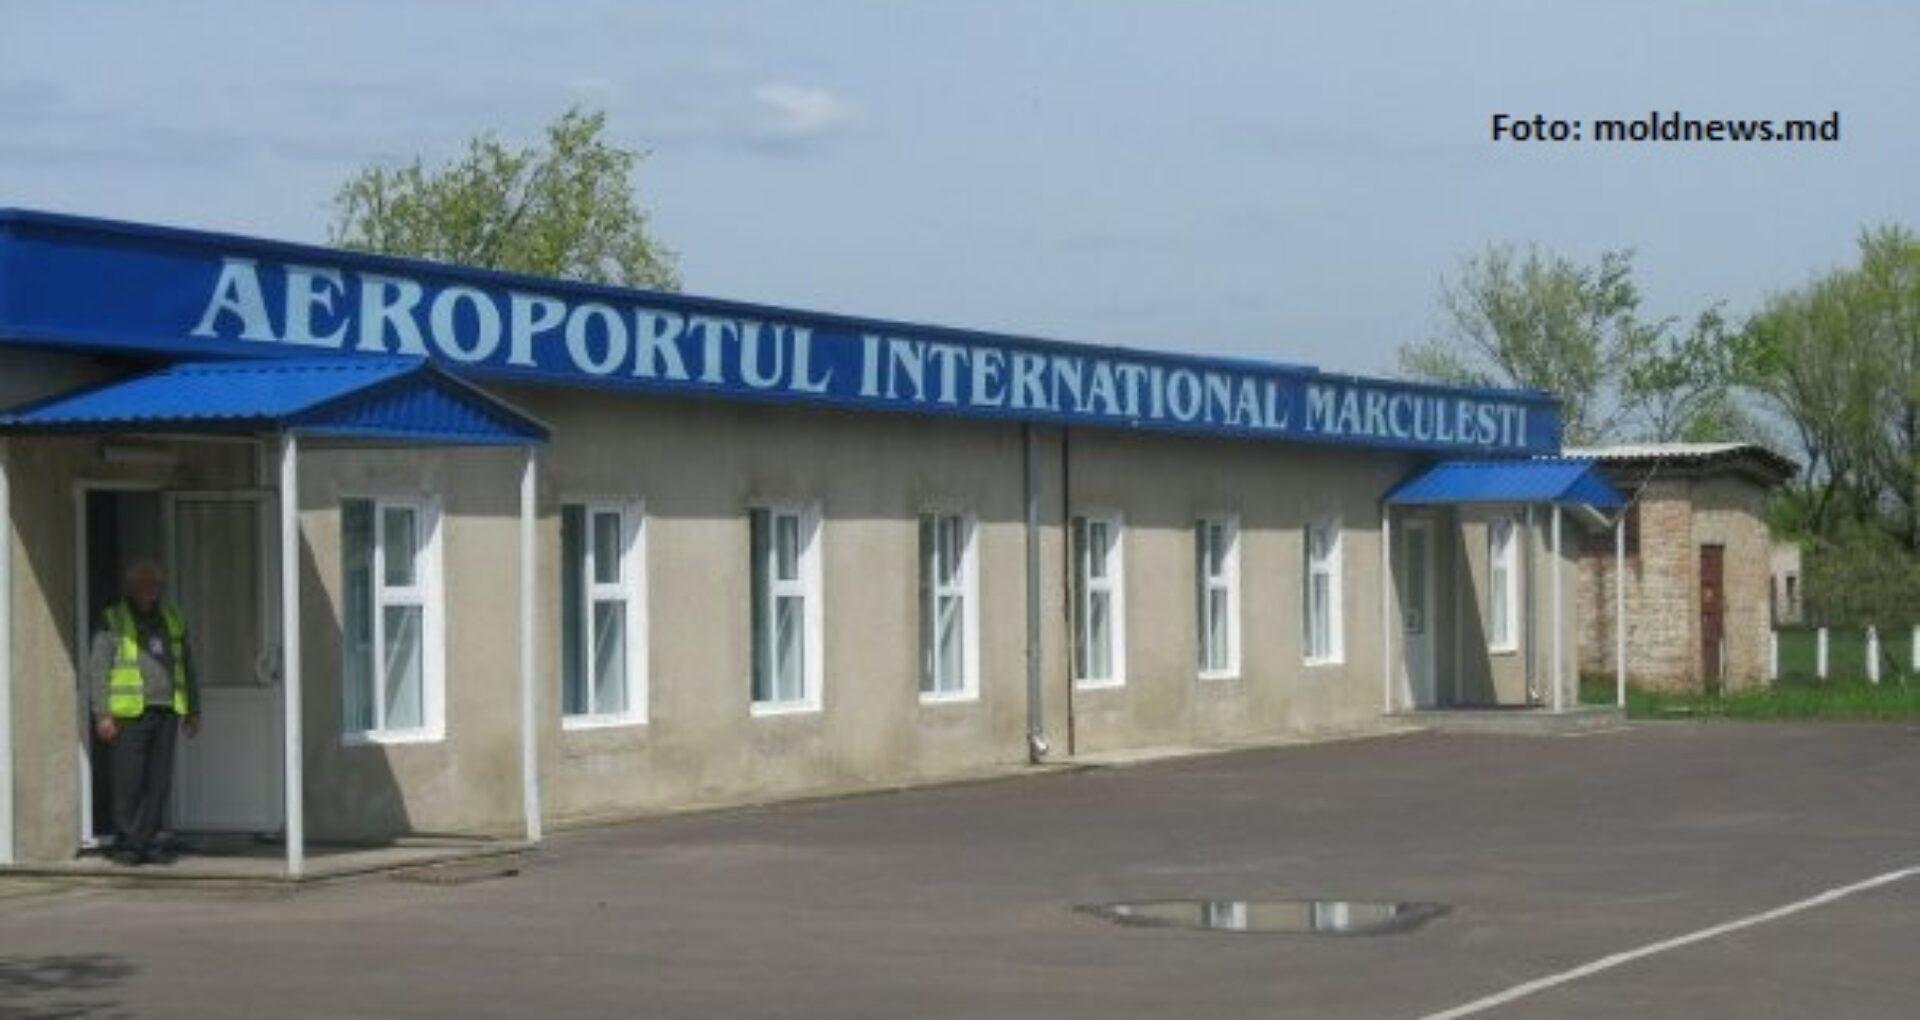 Raport CNA privind activitatea Aeroportului Mărculești: management defectuos și conflict de interese